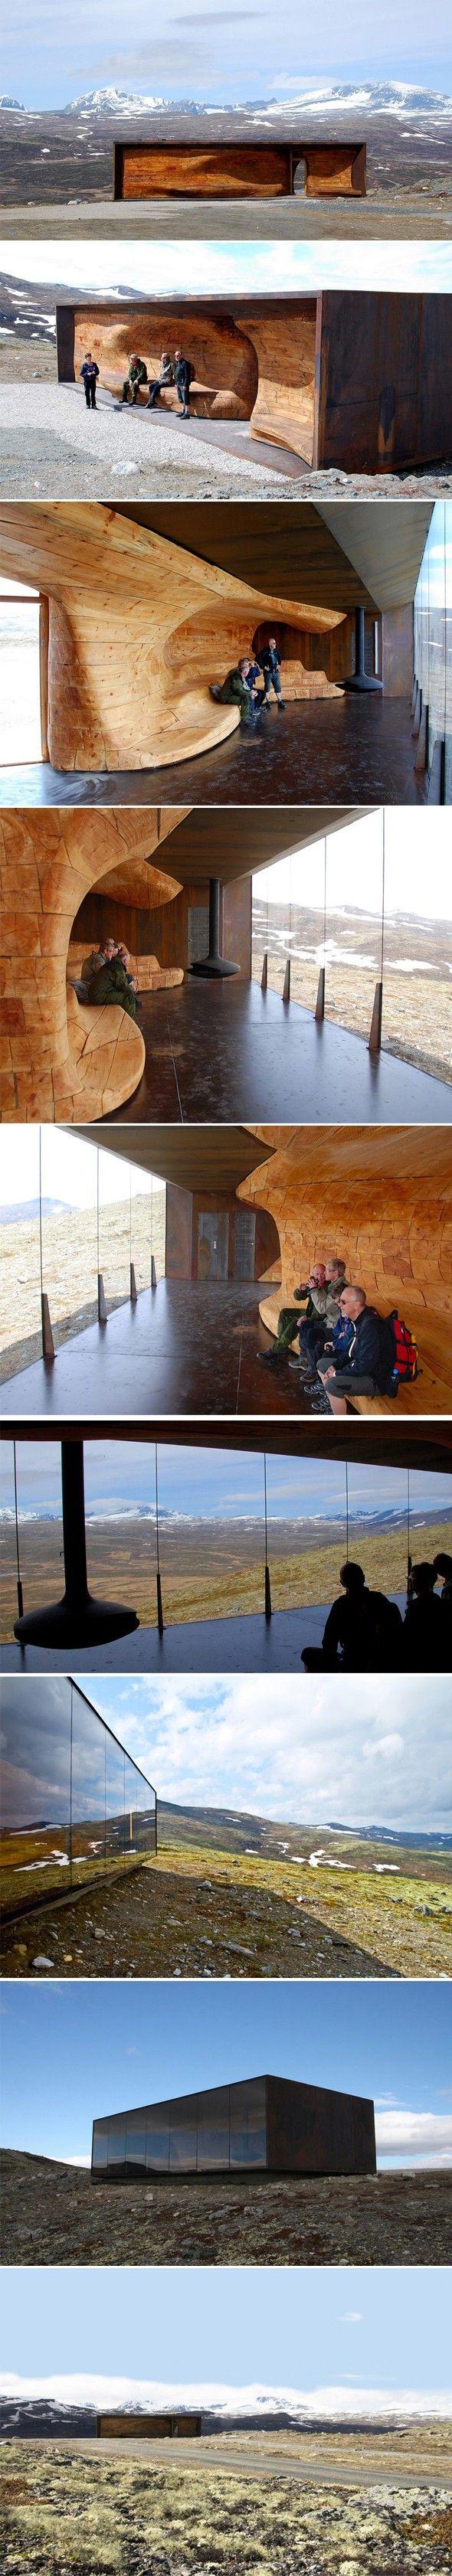 Norwegian-Wild-Reindeer-Centre-Pavilion-Snohetta-2-tt-width-590-height-3364-crop-1-bgcolor-000000-except_gif-1.jpg (590×3364)